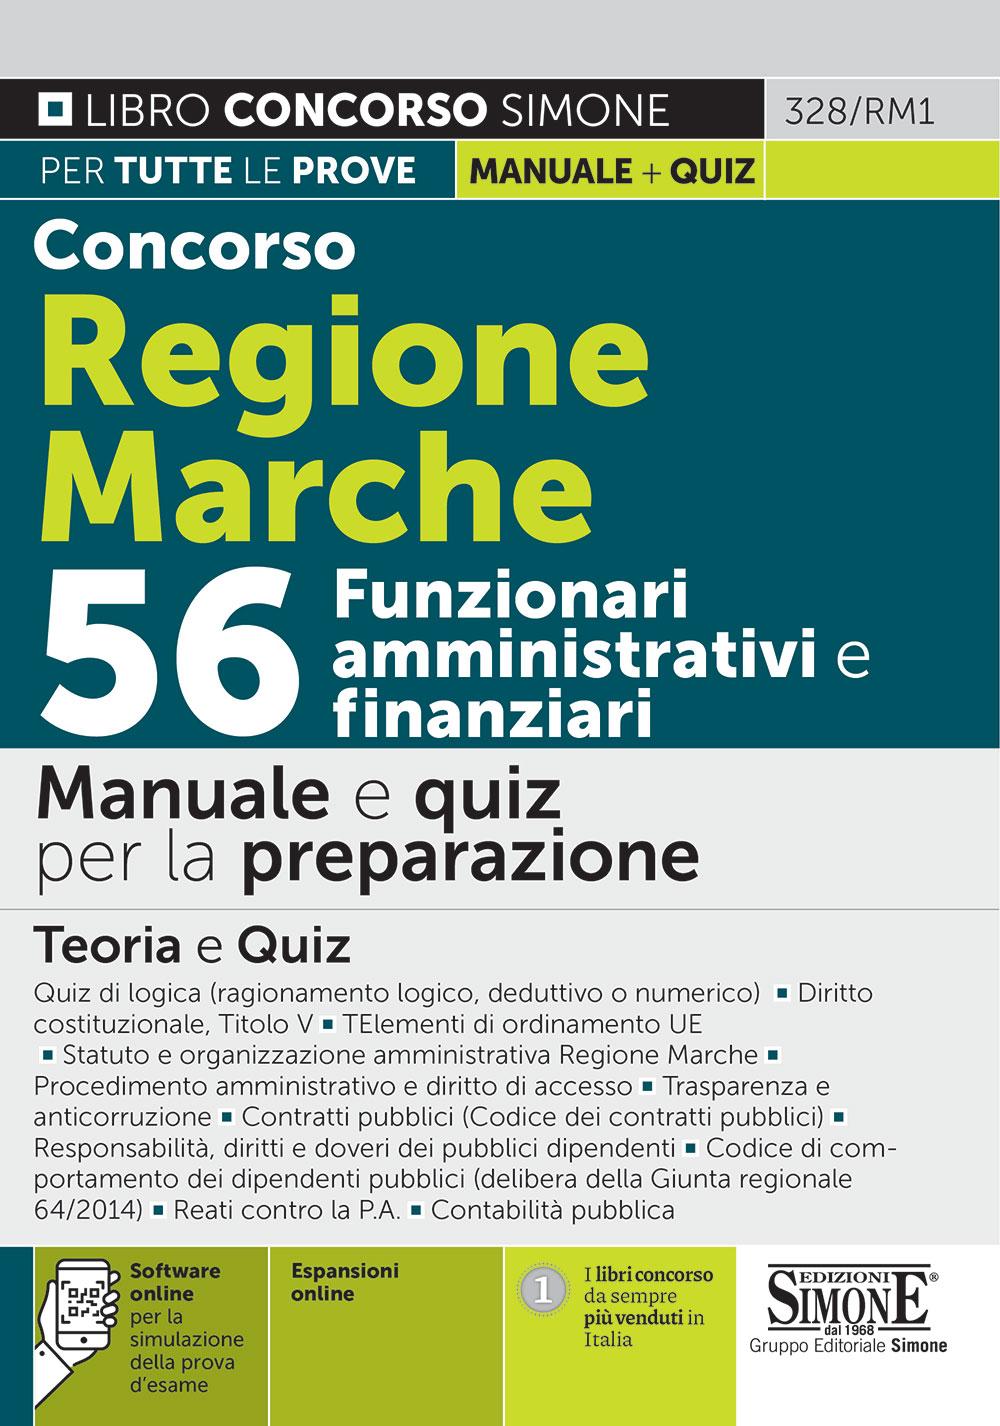 Manuale Concorso Regione Marche 56 posti